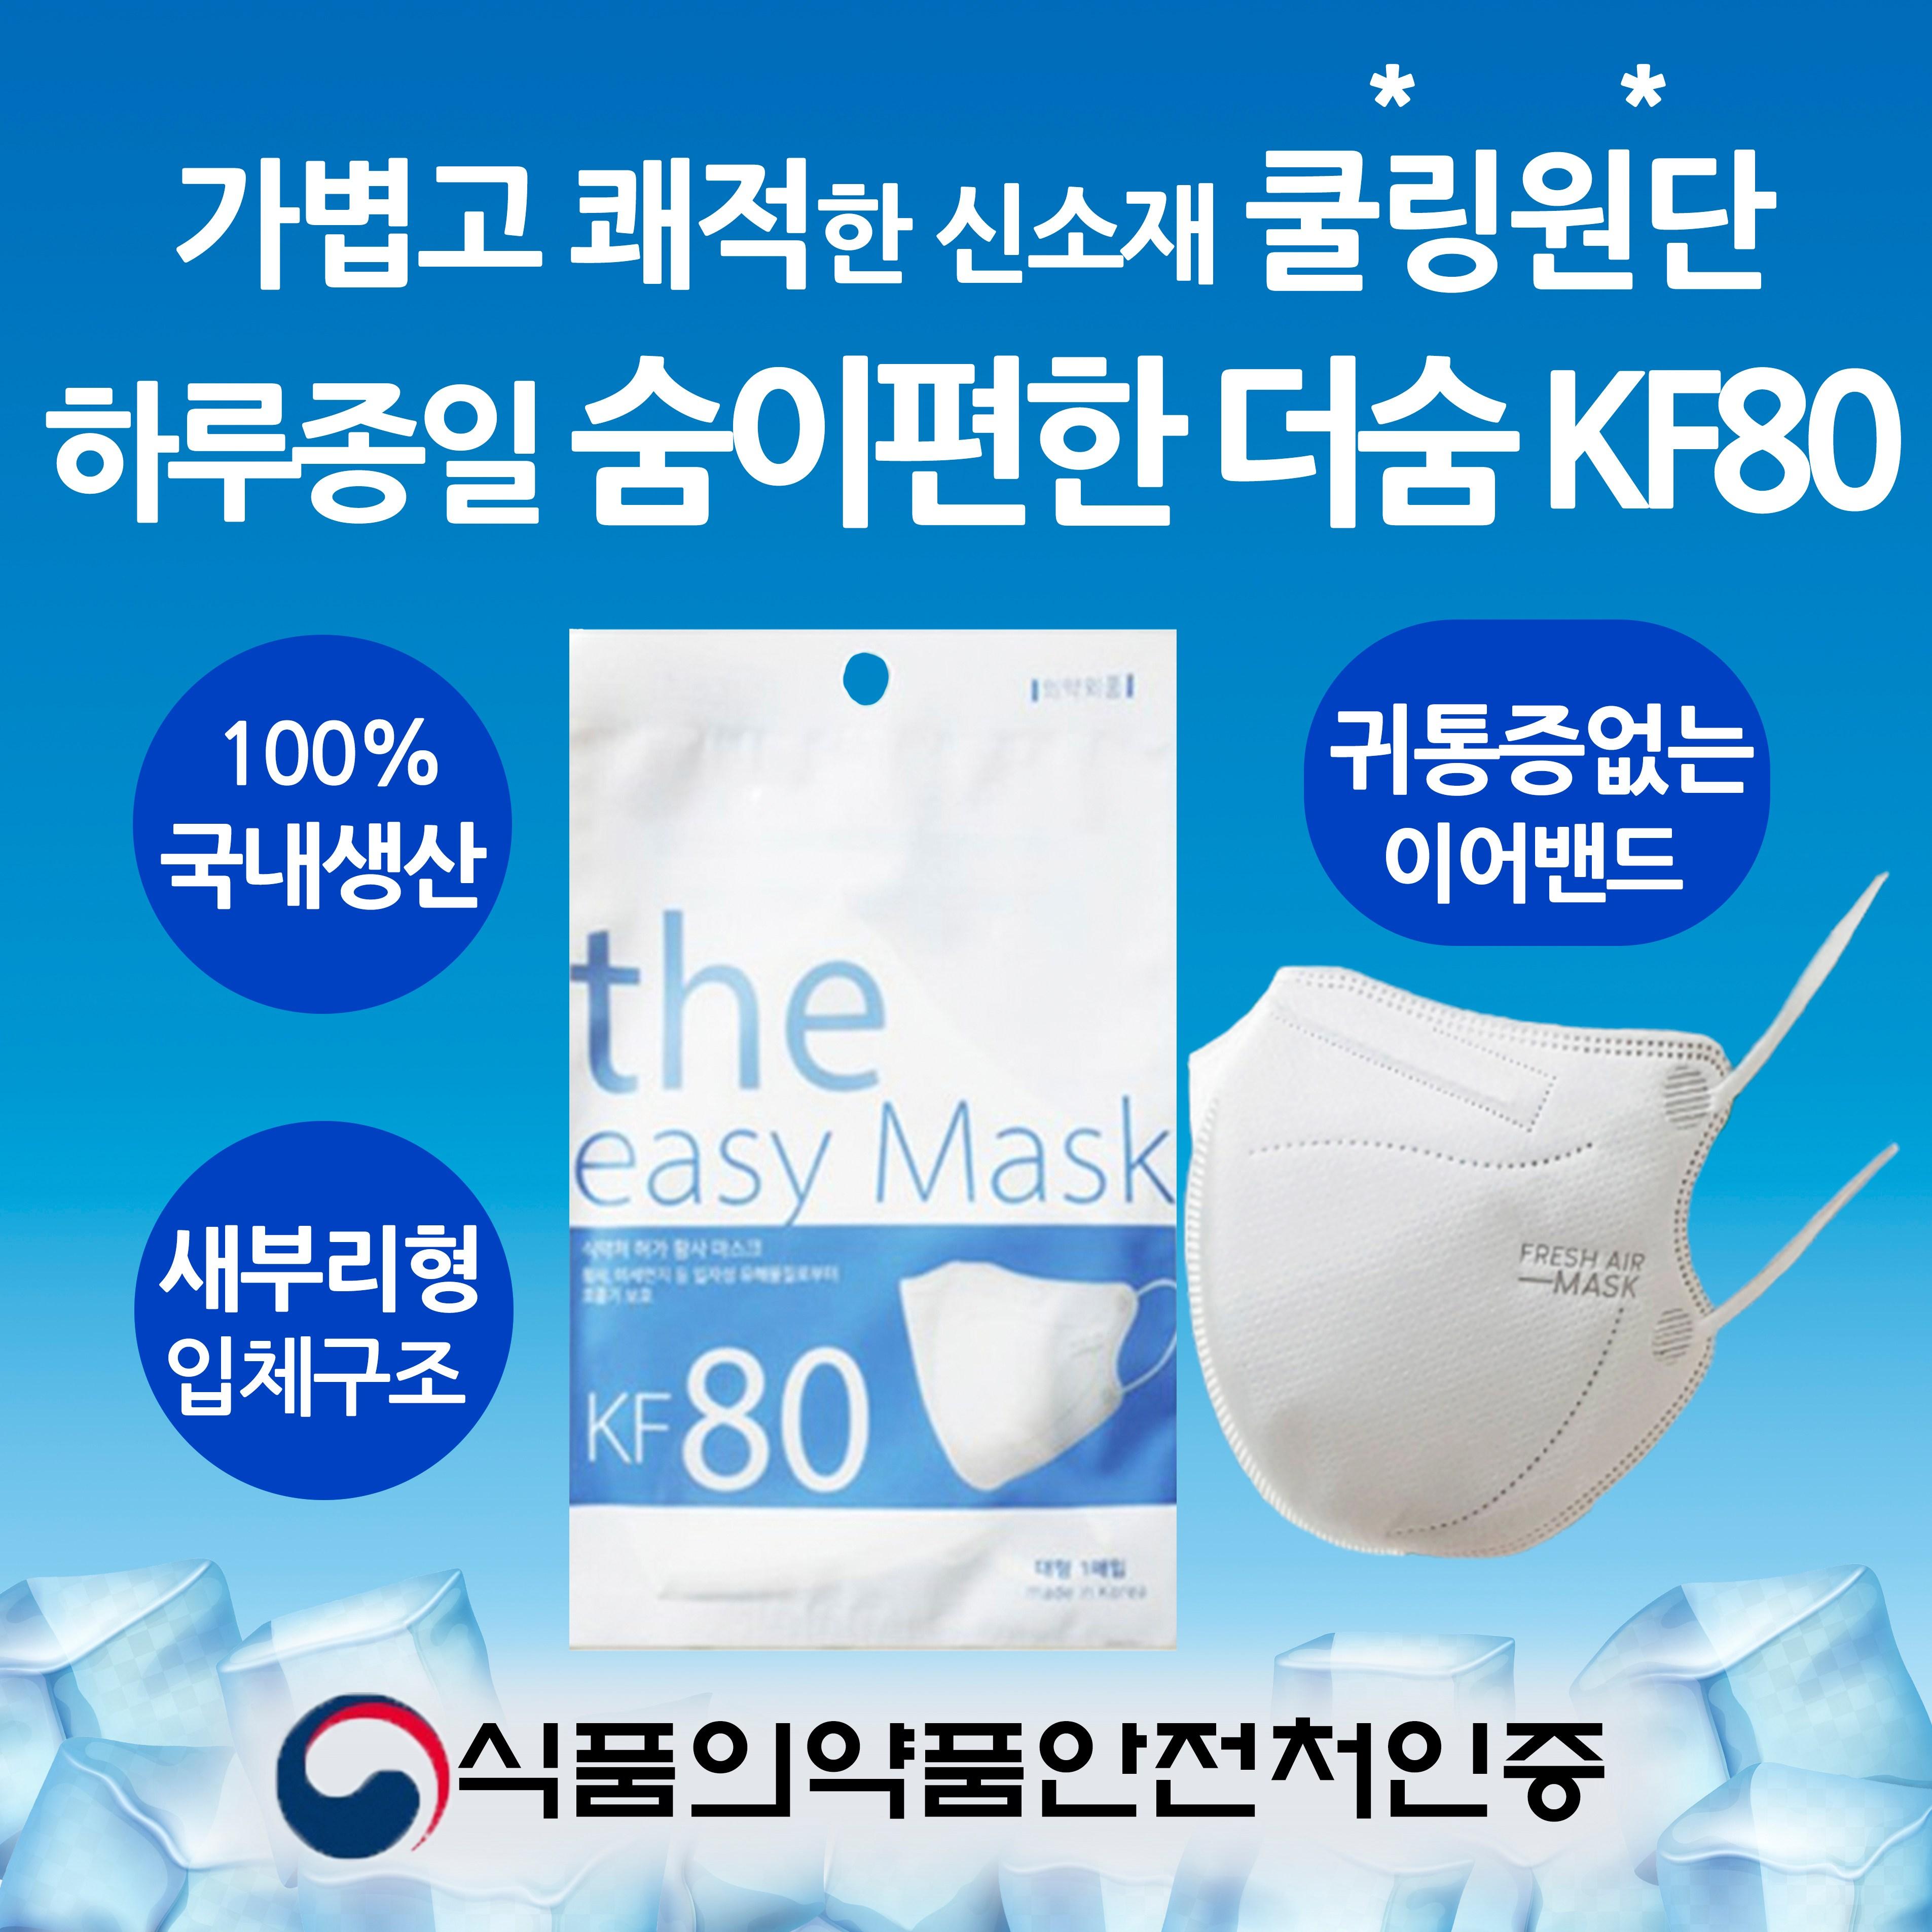 국산 더숨 KF80 대형 새부리형 신소재 쿨링원단 미세먼지 황사방역마스크 개별포장, 1set, 10매